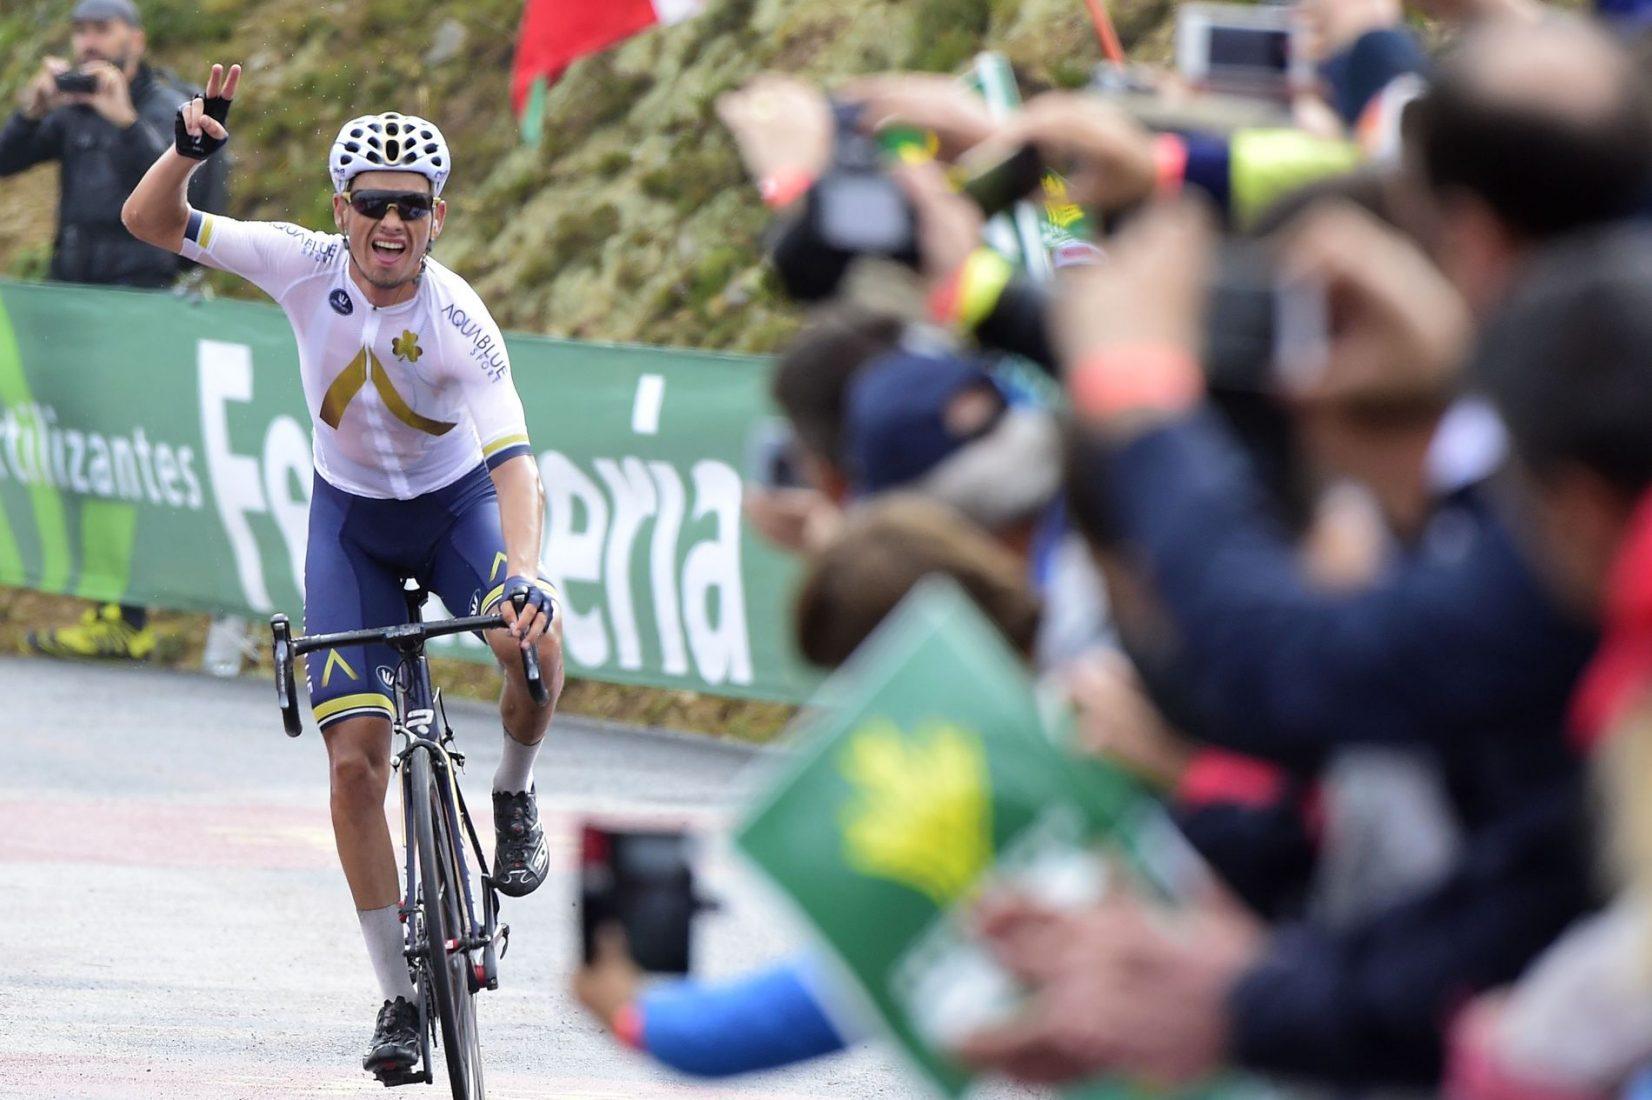 Stefan Denifl avrebbe fatto uso di doping ematico